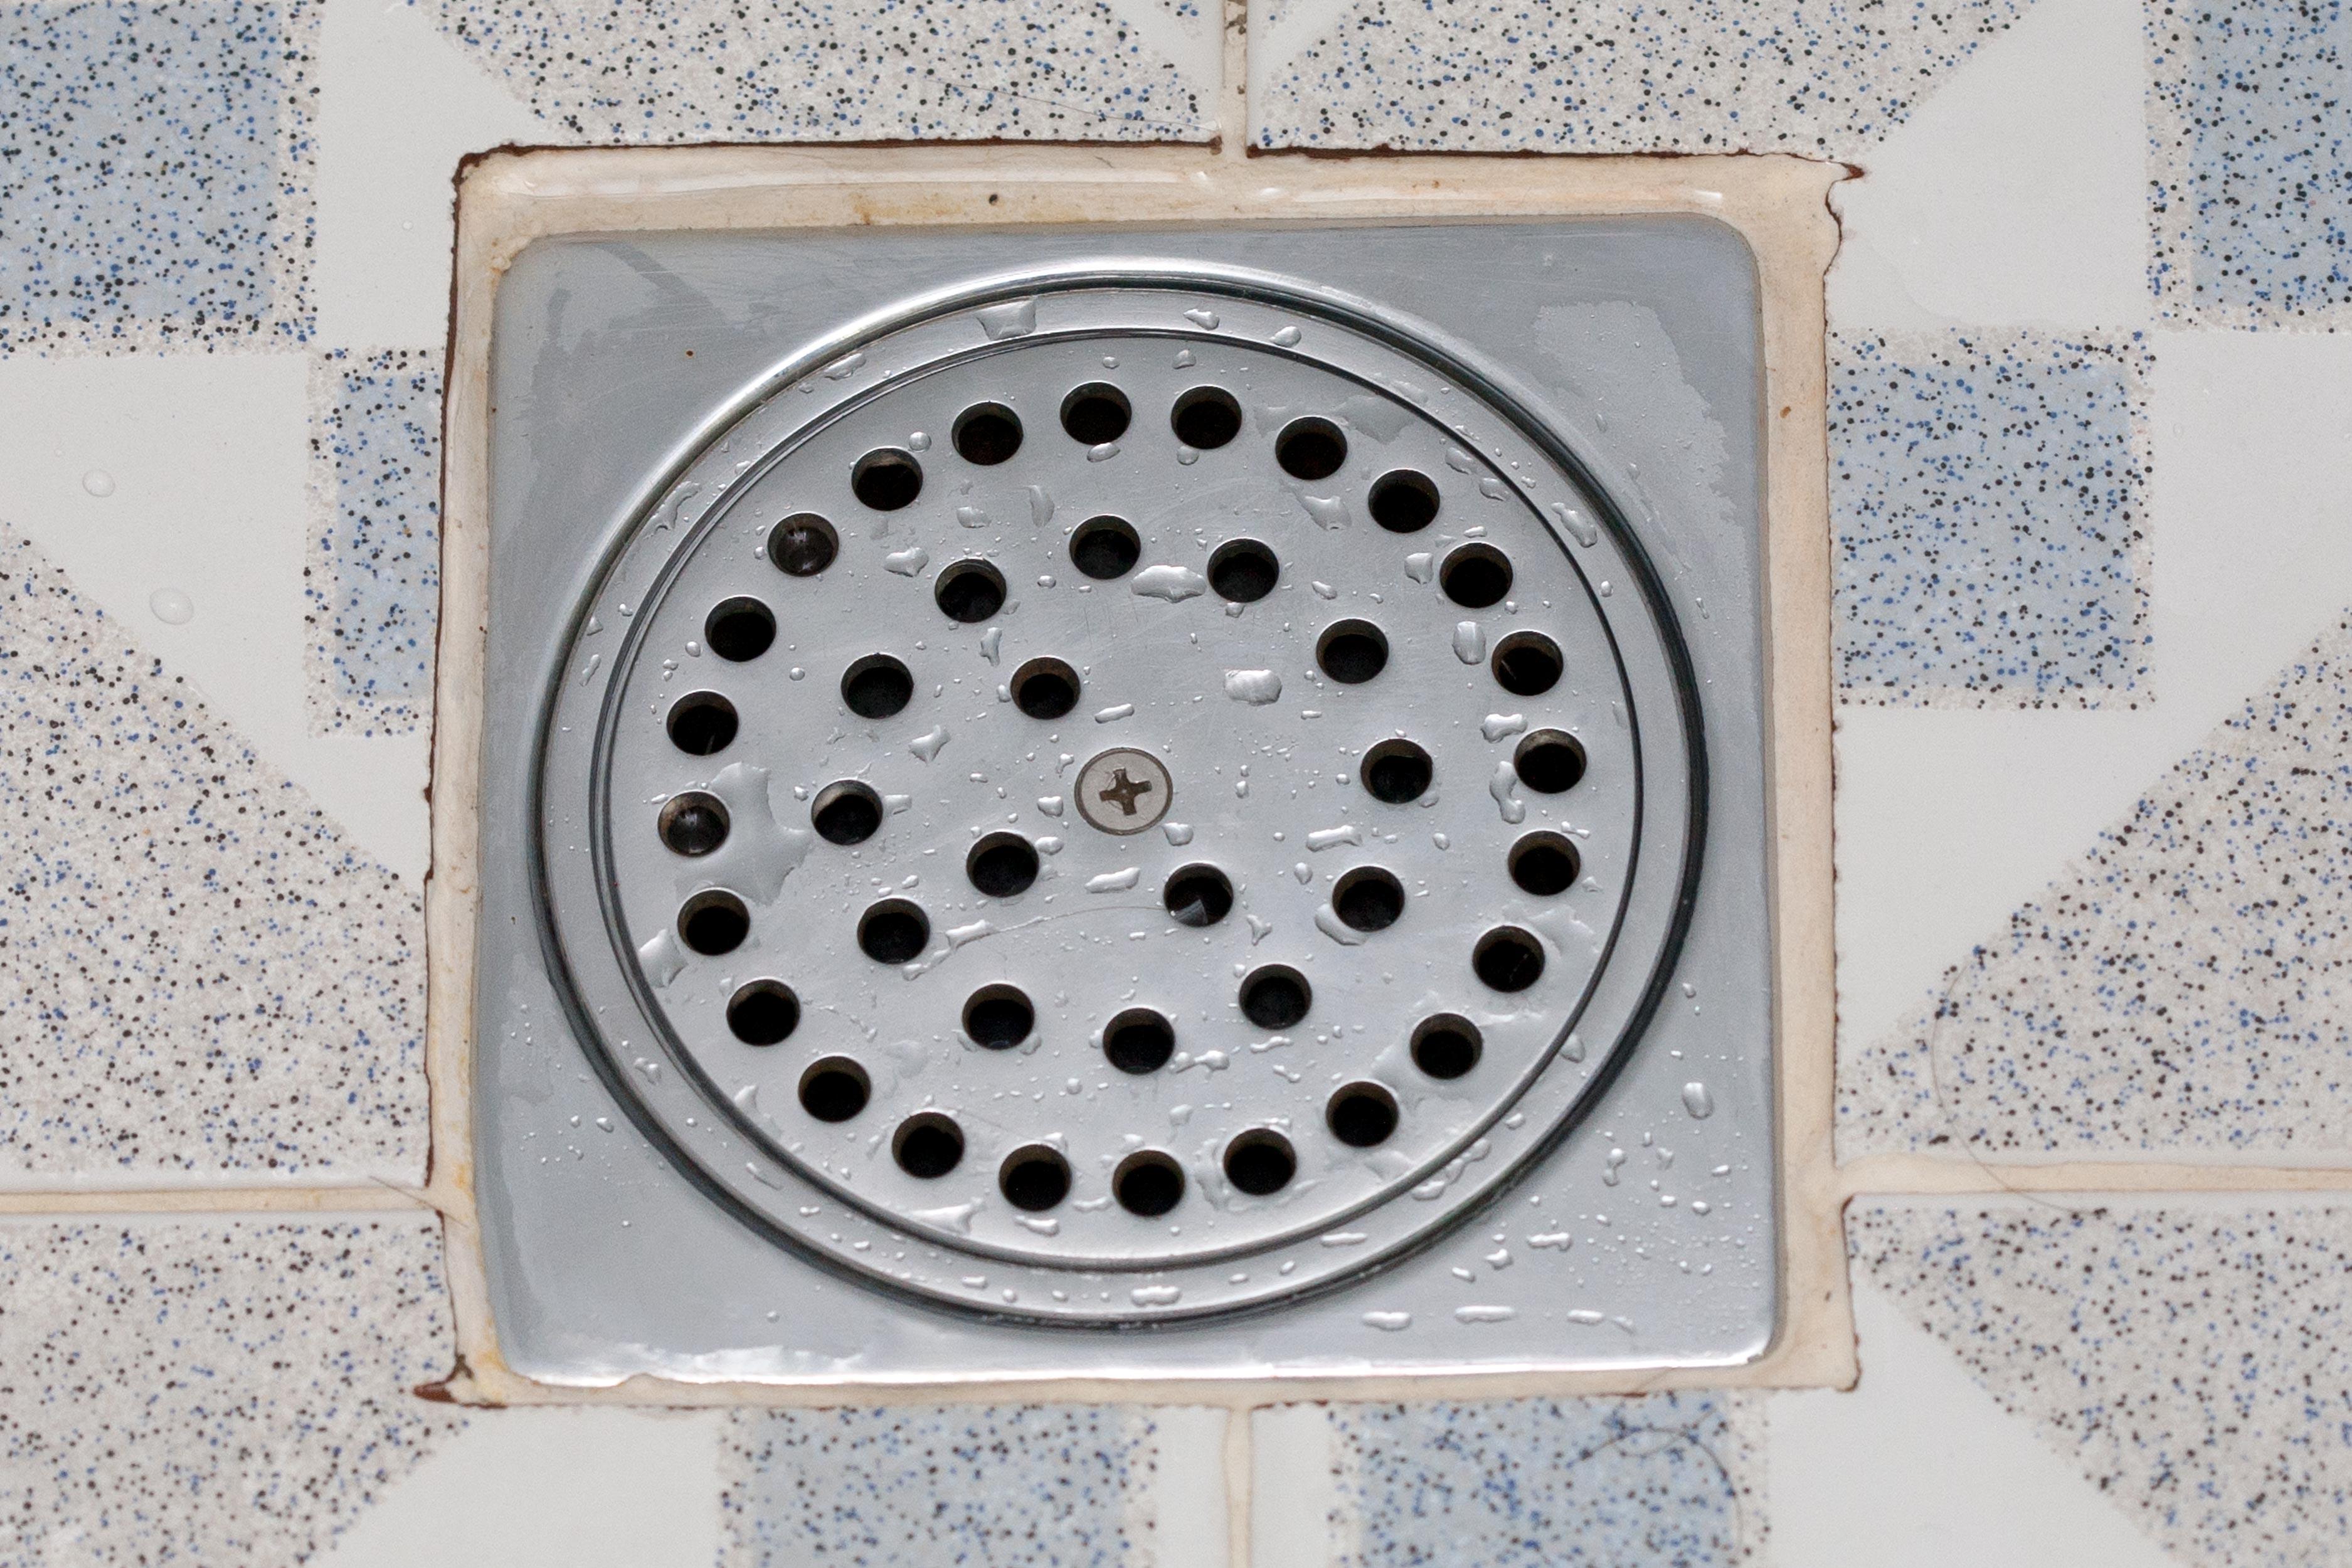 Como se livrar de vermes no ralo do chuveiro eHow Brasil #614D41 3750 2500